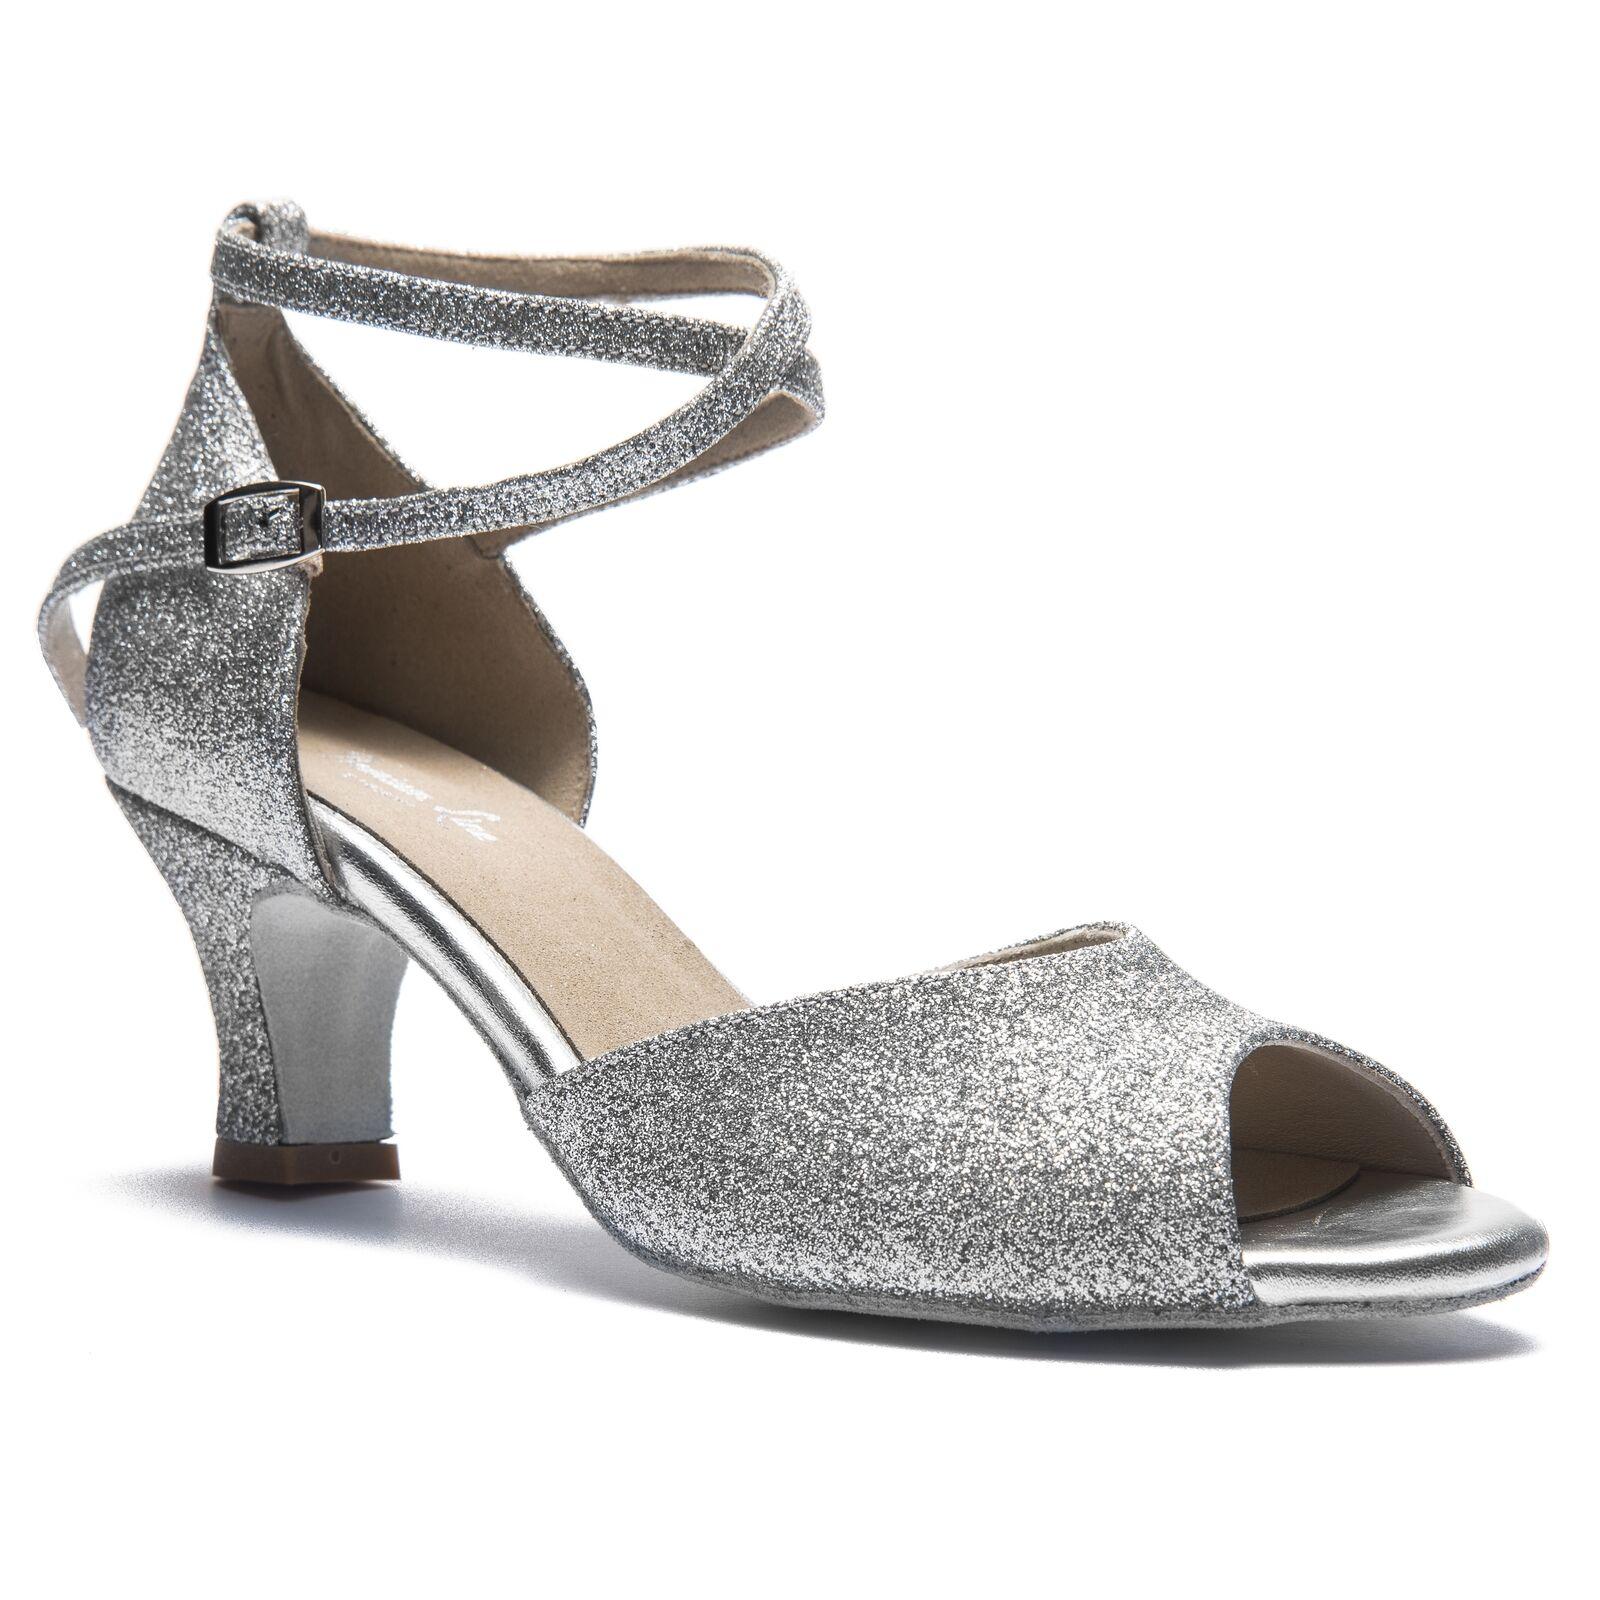 Rumpf Premium Line 9261 Damen Tanz Latein Tango Lindy Hop Balboa Schuhe Abs. 5 c      | Abrechnungspreis  | Modern Und Elegant In Der Mode  | Sale Online